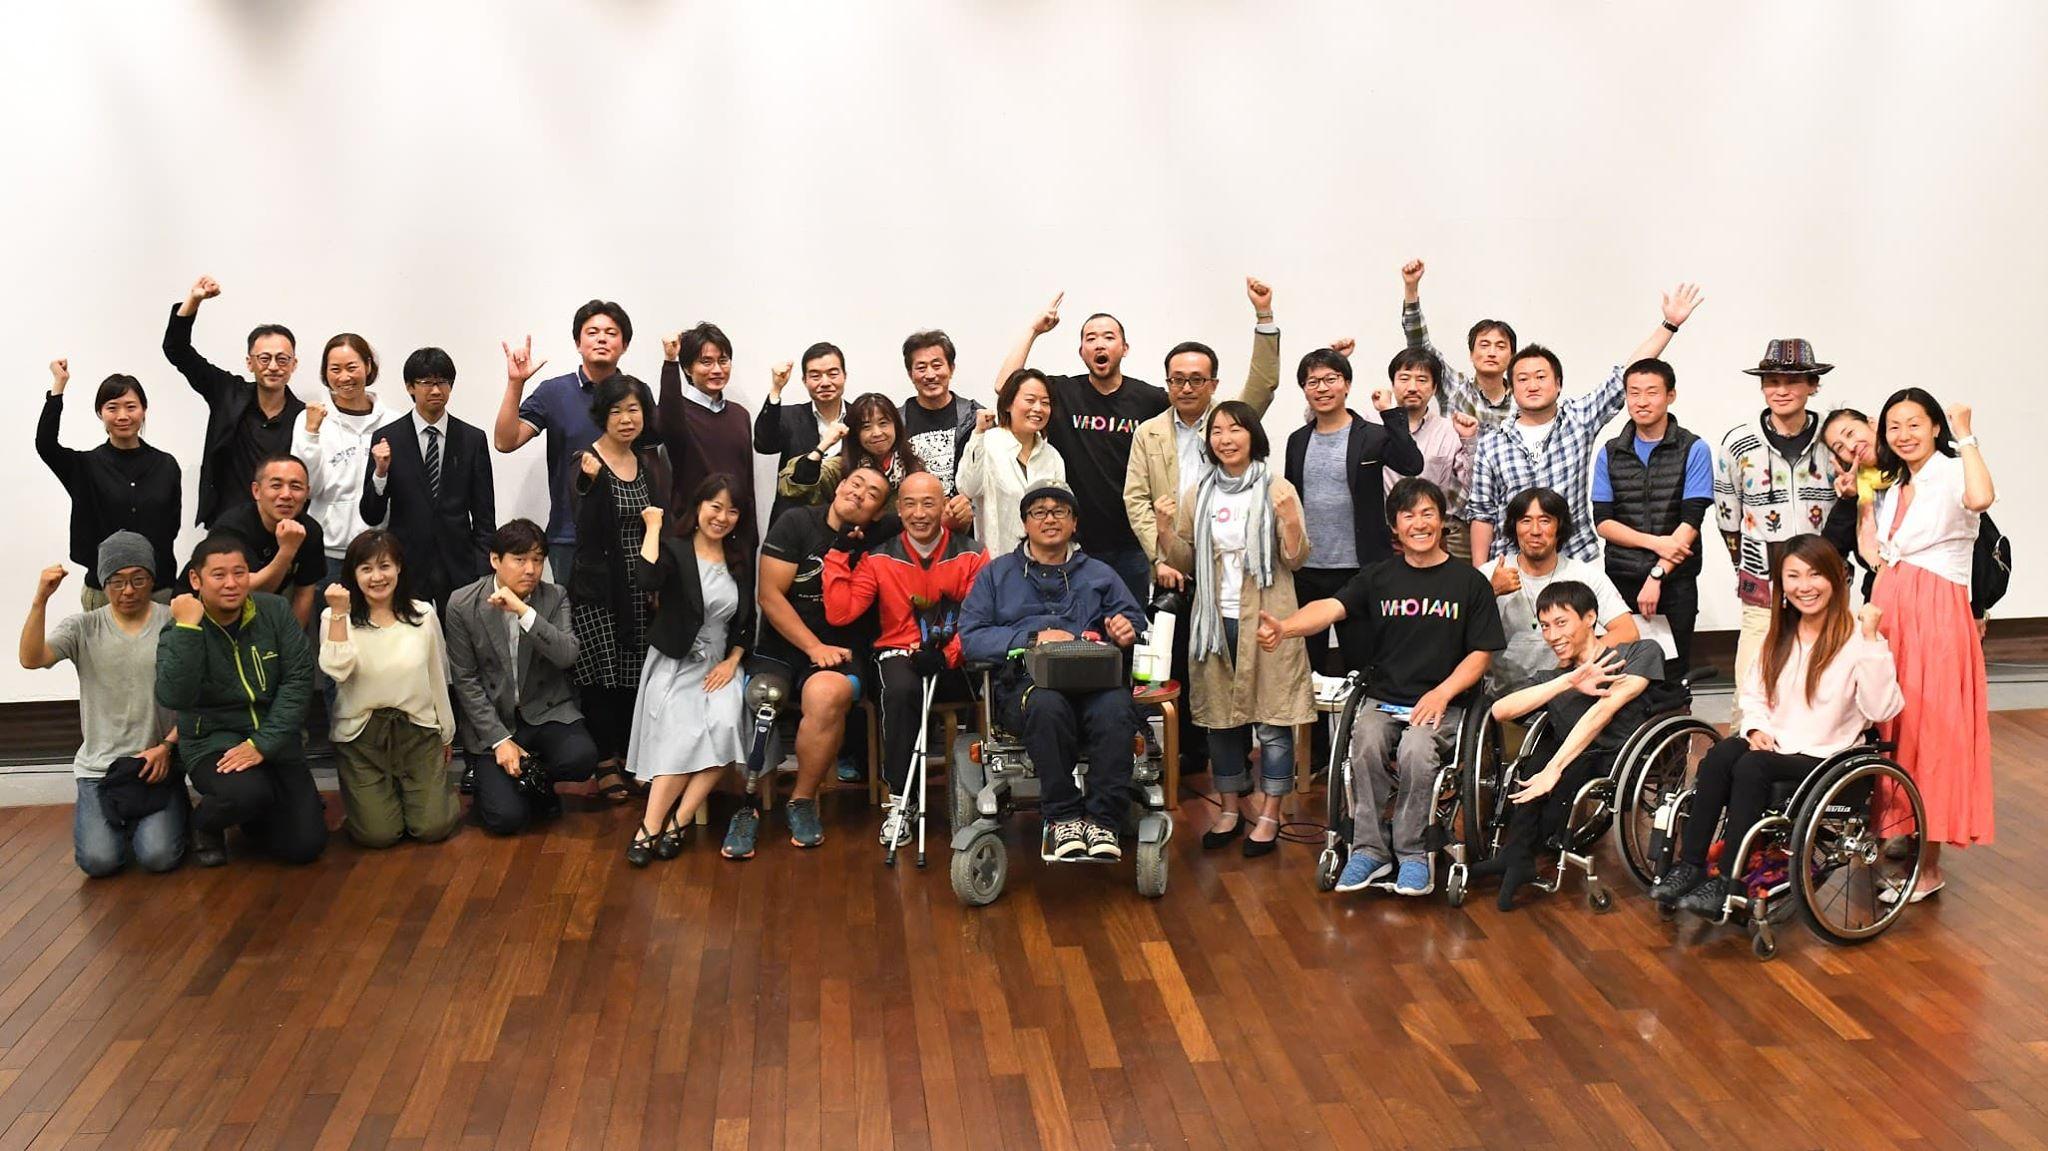 市民がパラアスリートの魅力を伝える「国際障害者スポーツ写真連絡協議会」